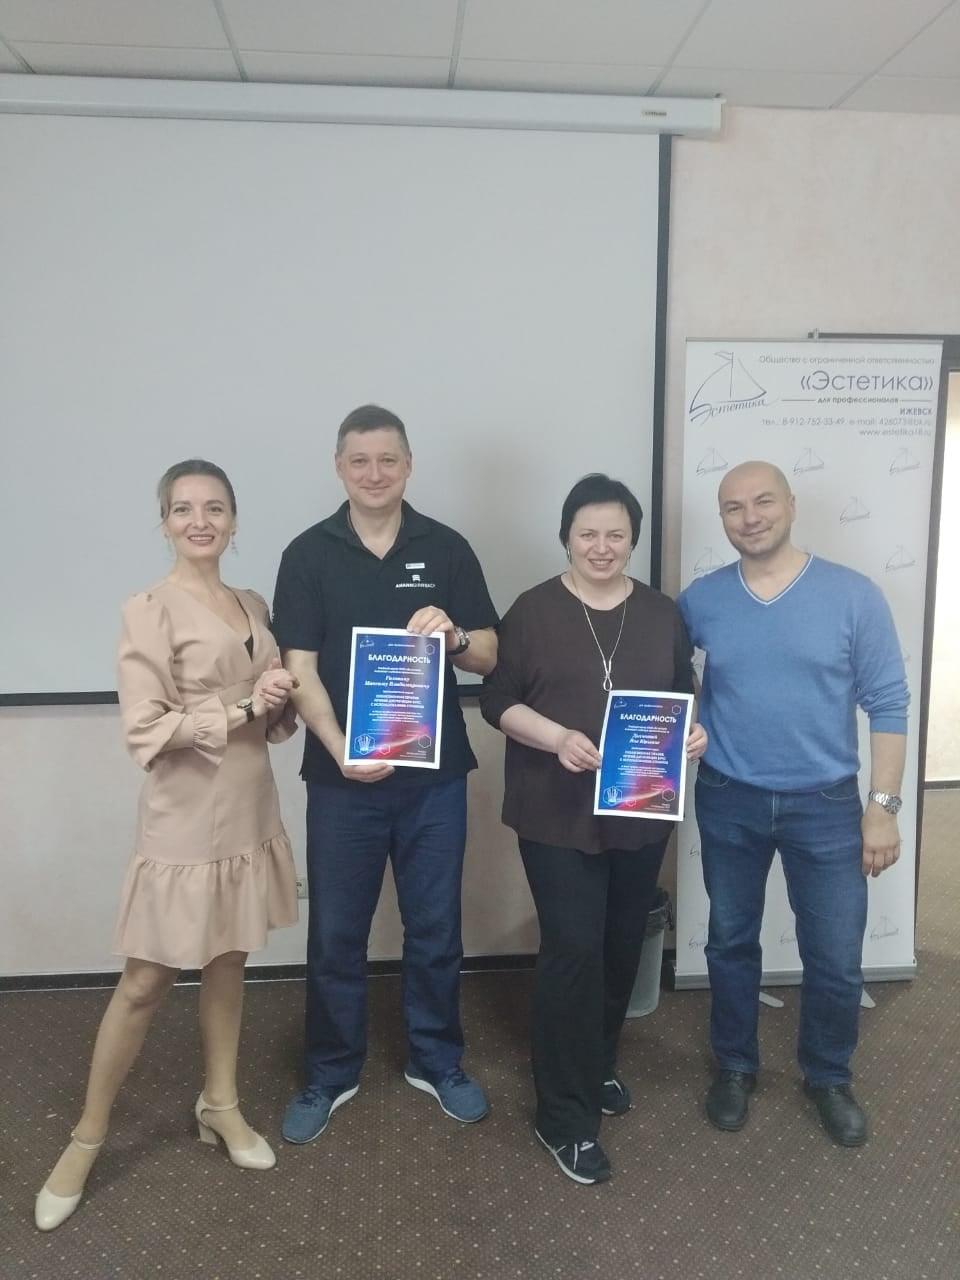 Курс по сплинт-терапии в Ижевске, 24-25 апреля